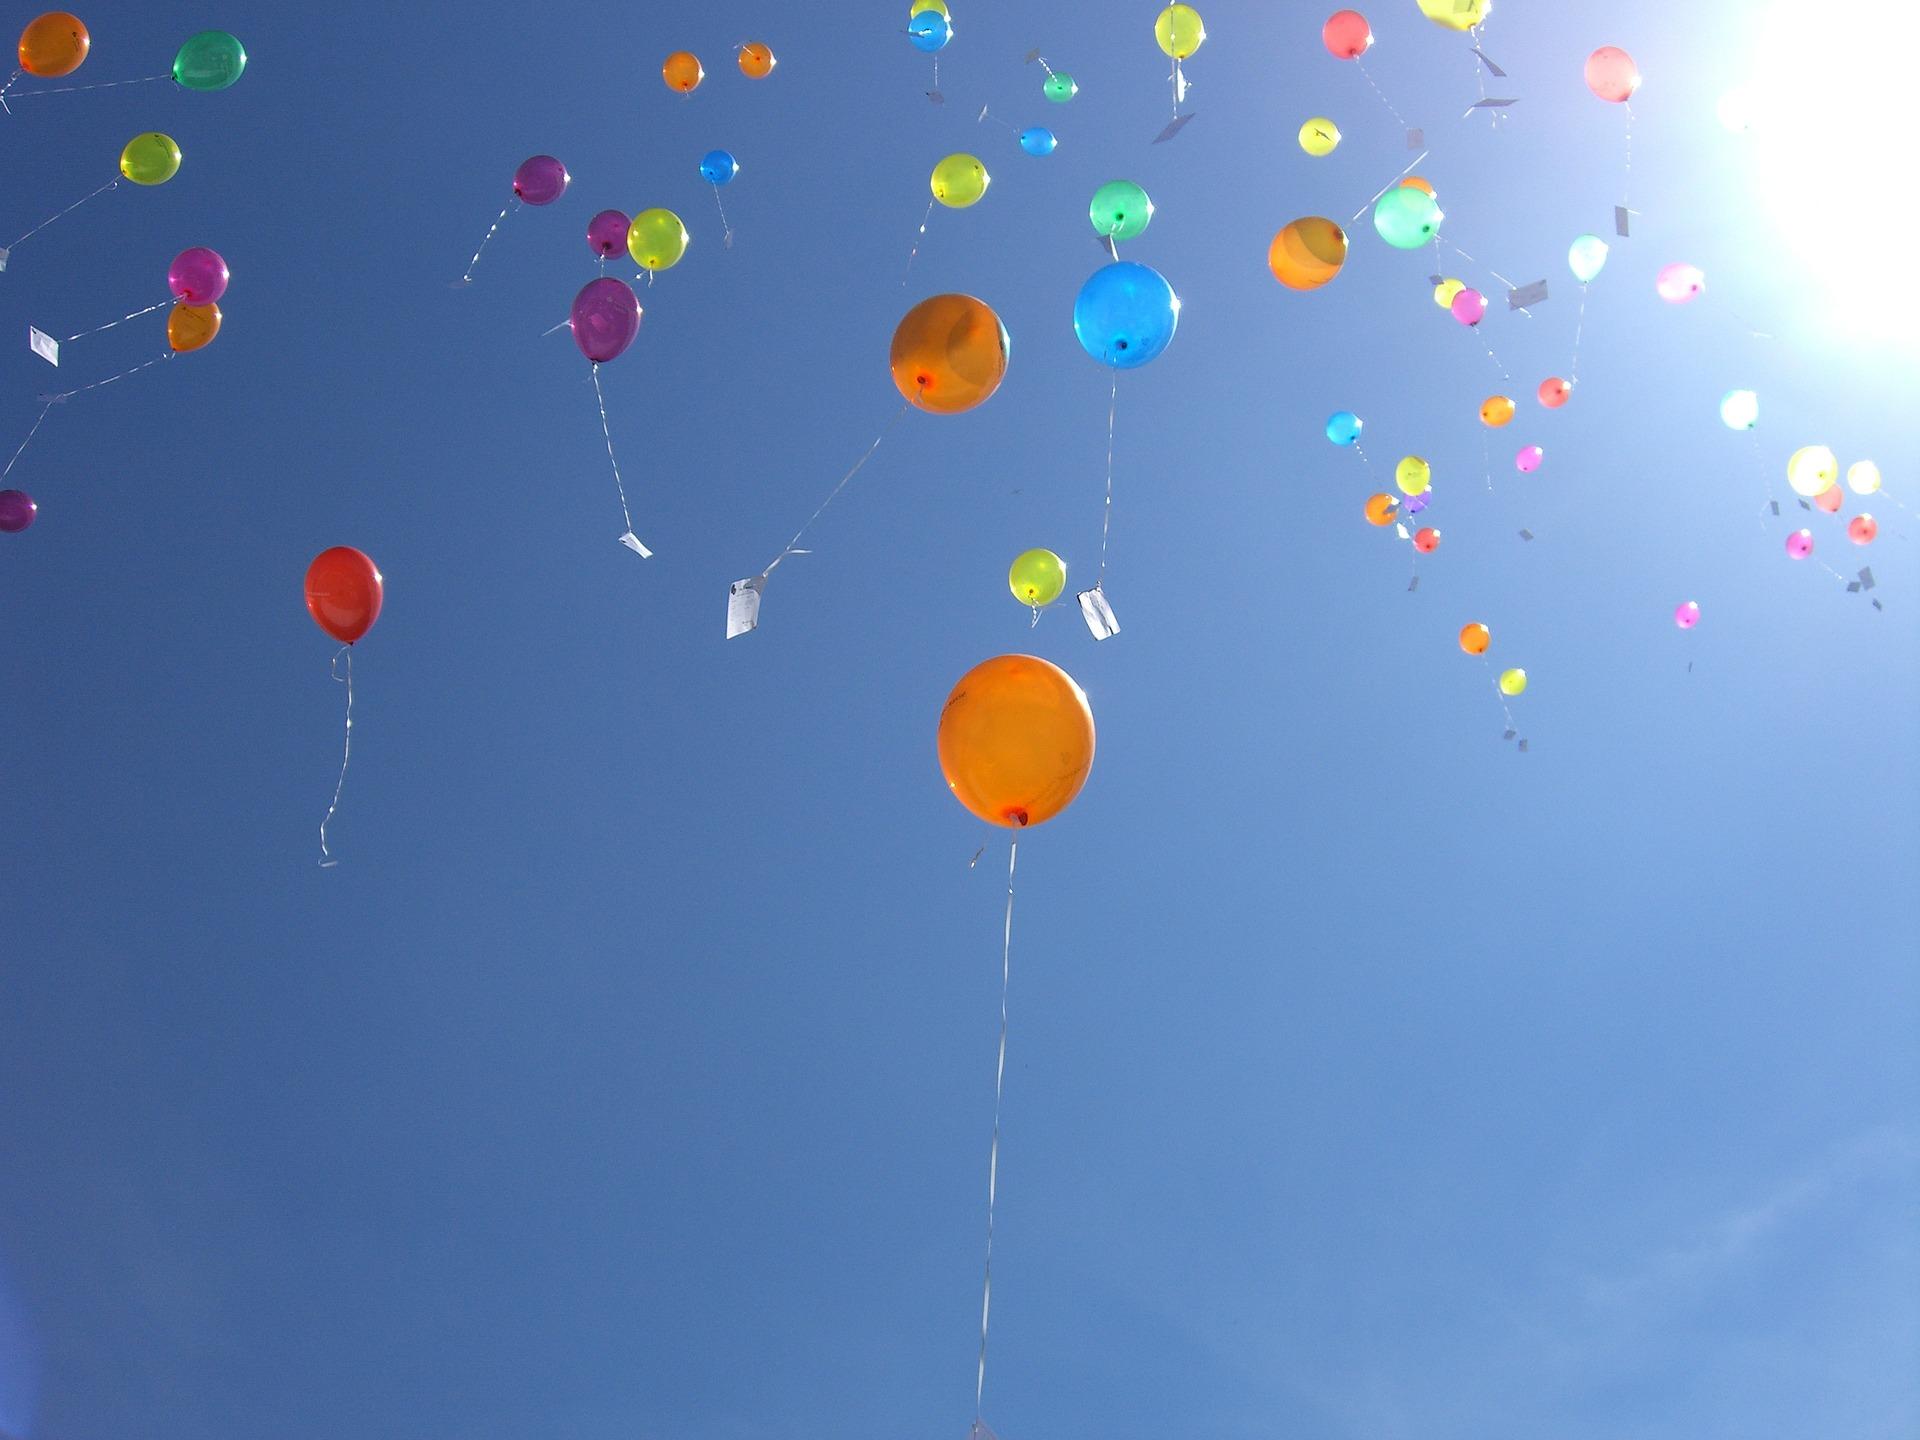 空を飛ぶ風船